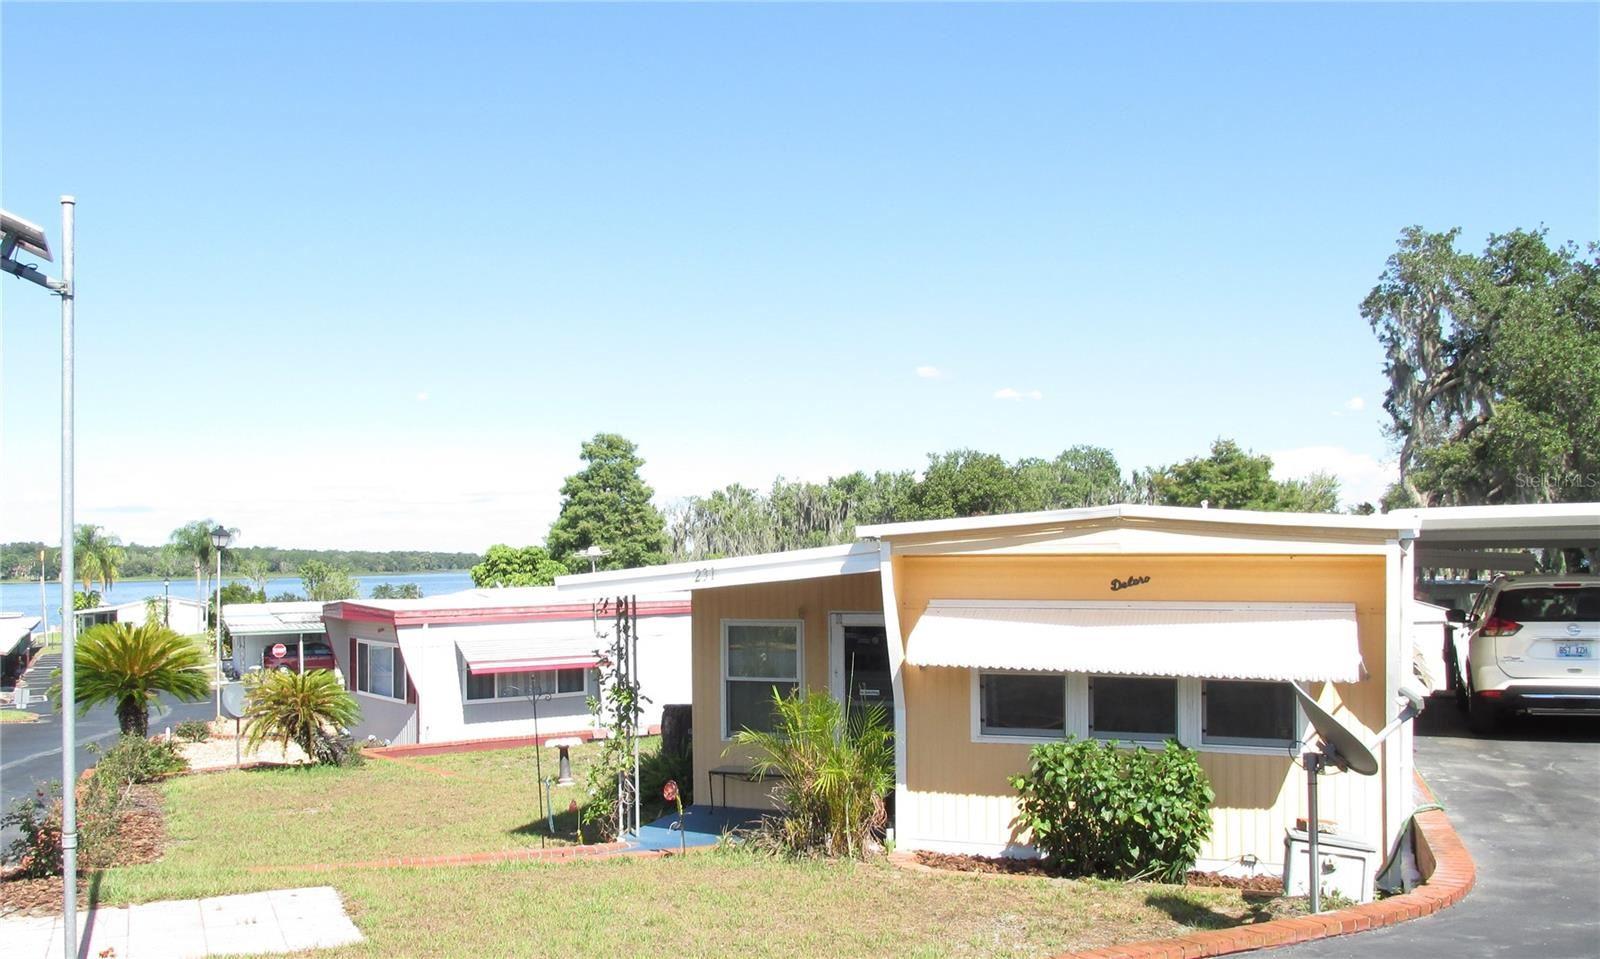 3896 PICCIOLA ROAD #231, Fruitland Park, FL 34731 - #: O5950958